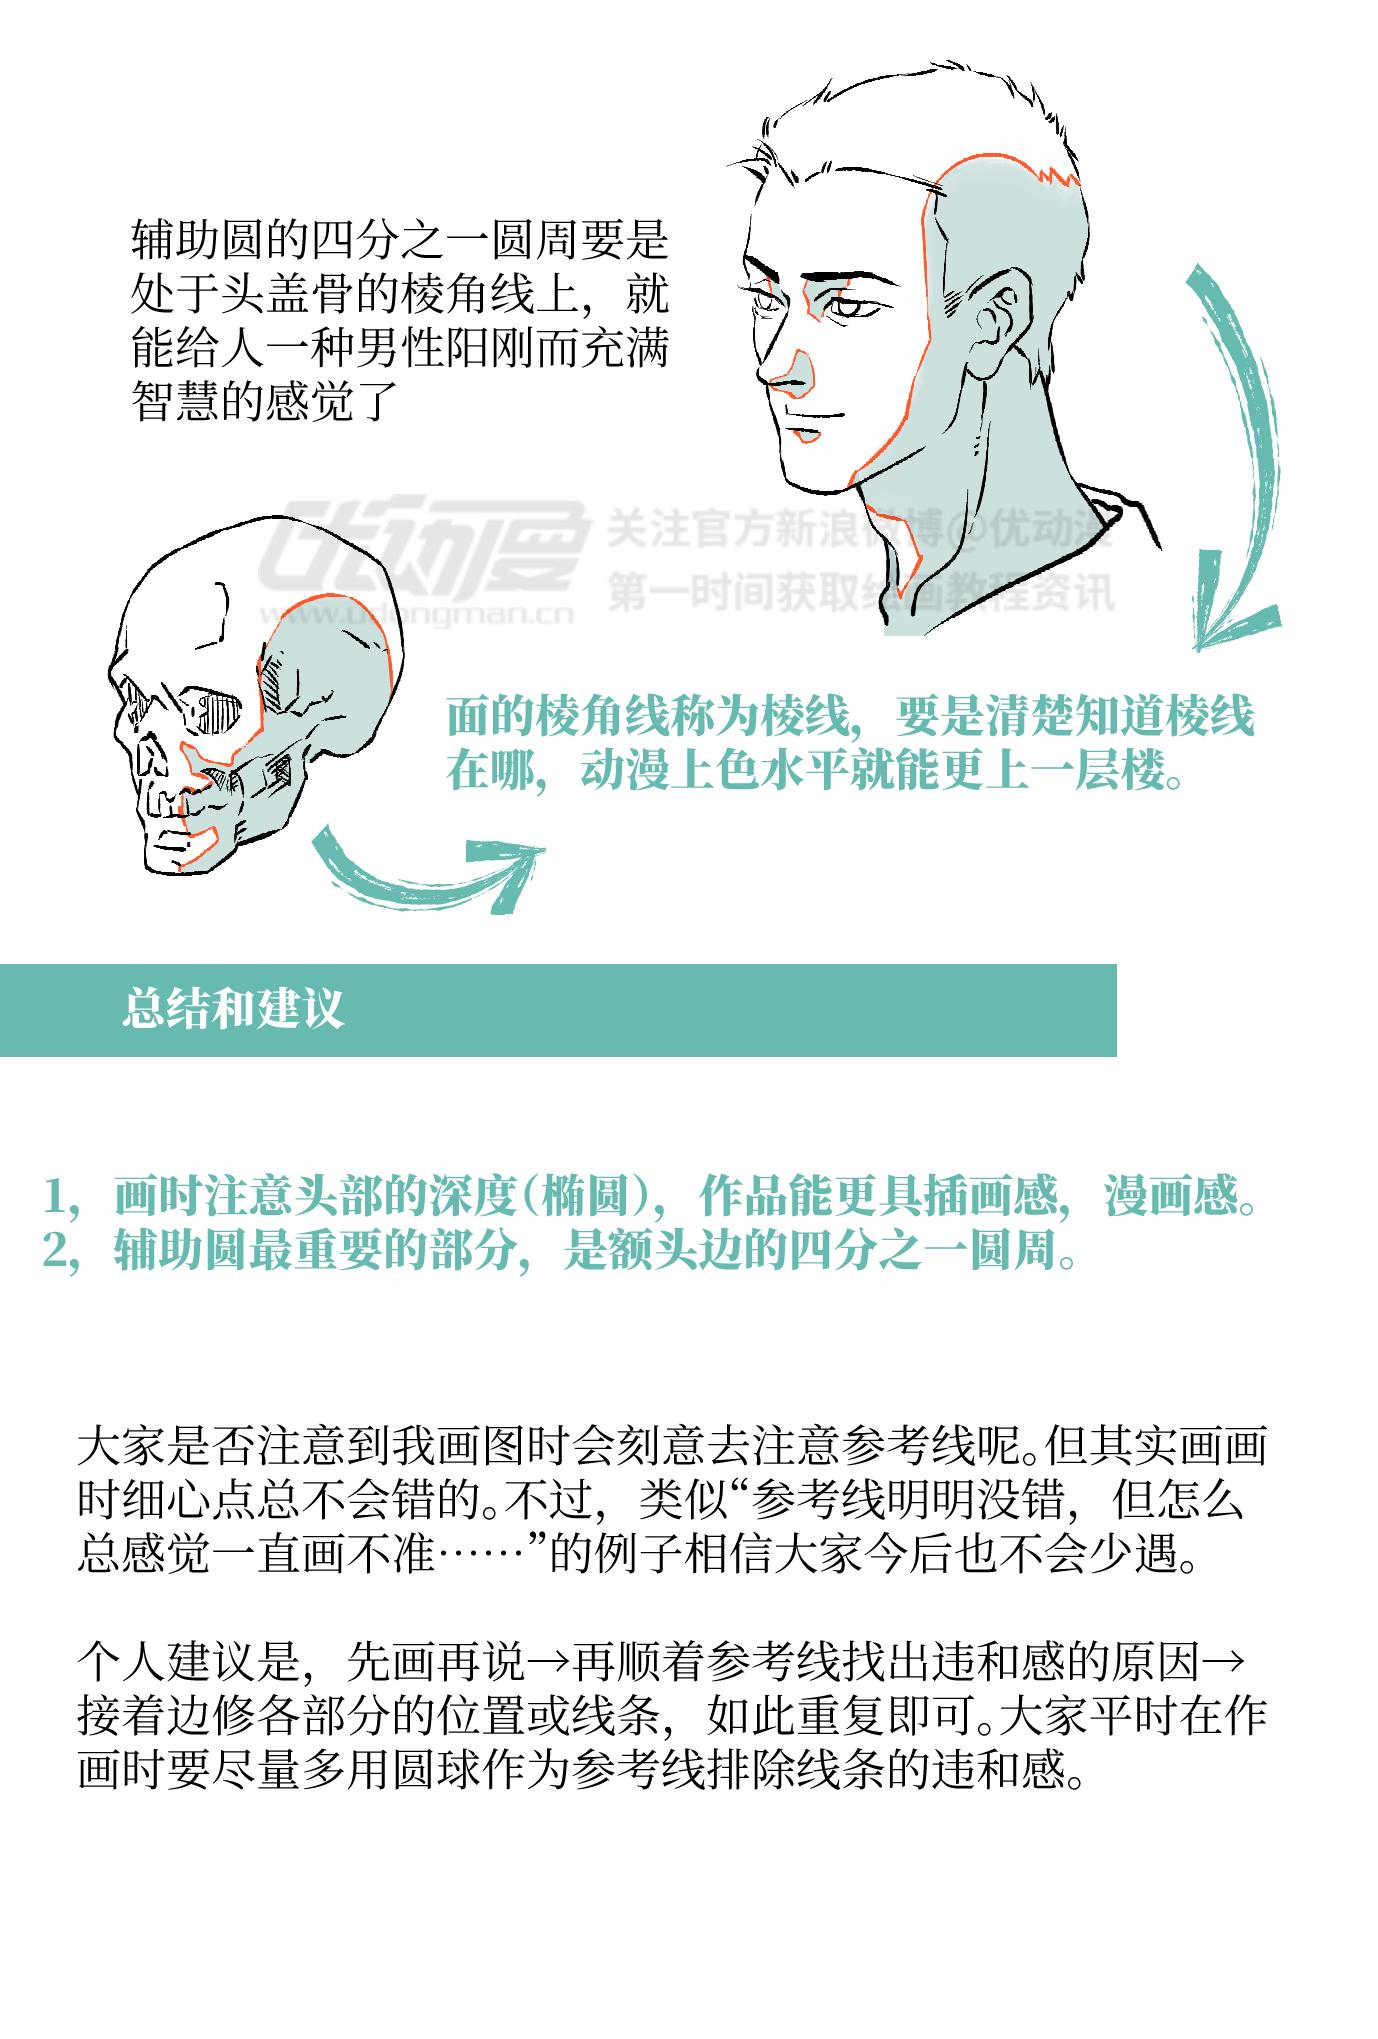 脸部绘制qa4.png